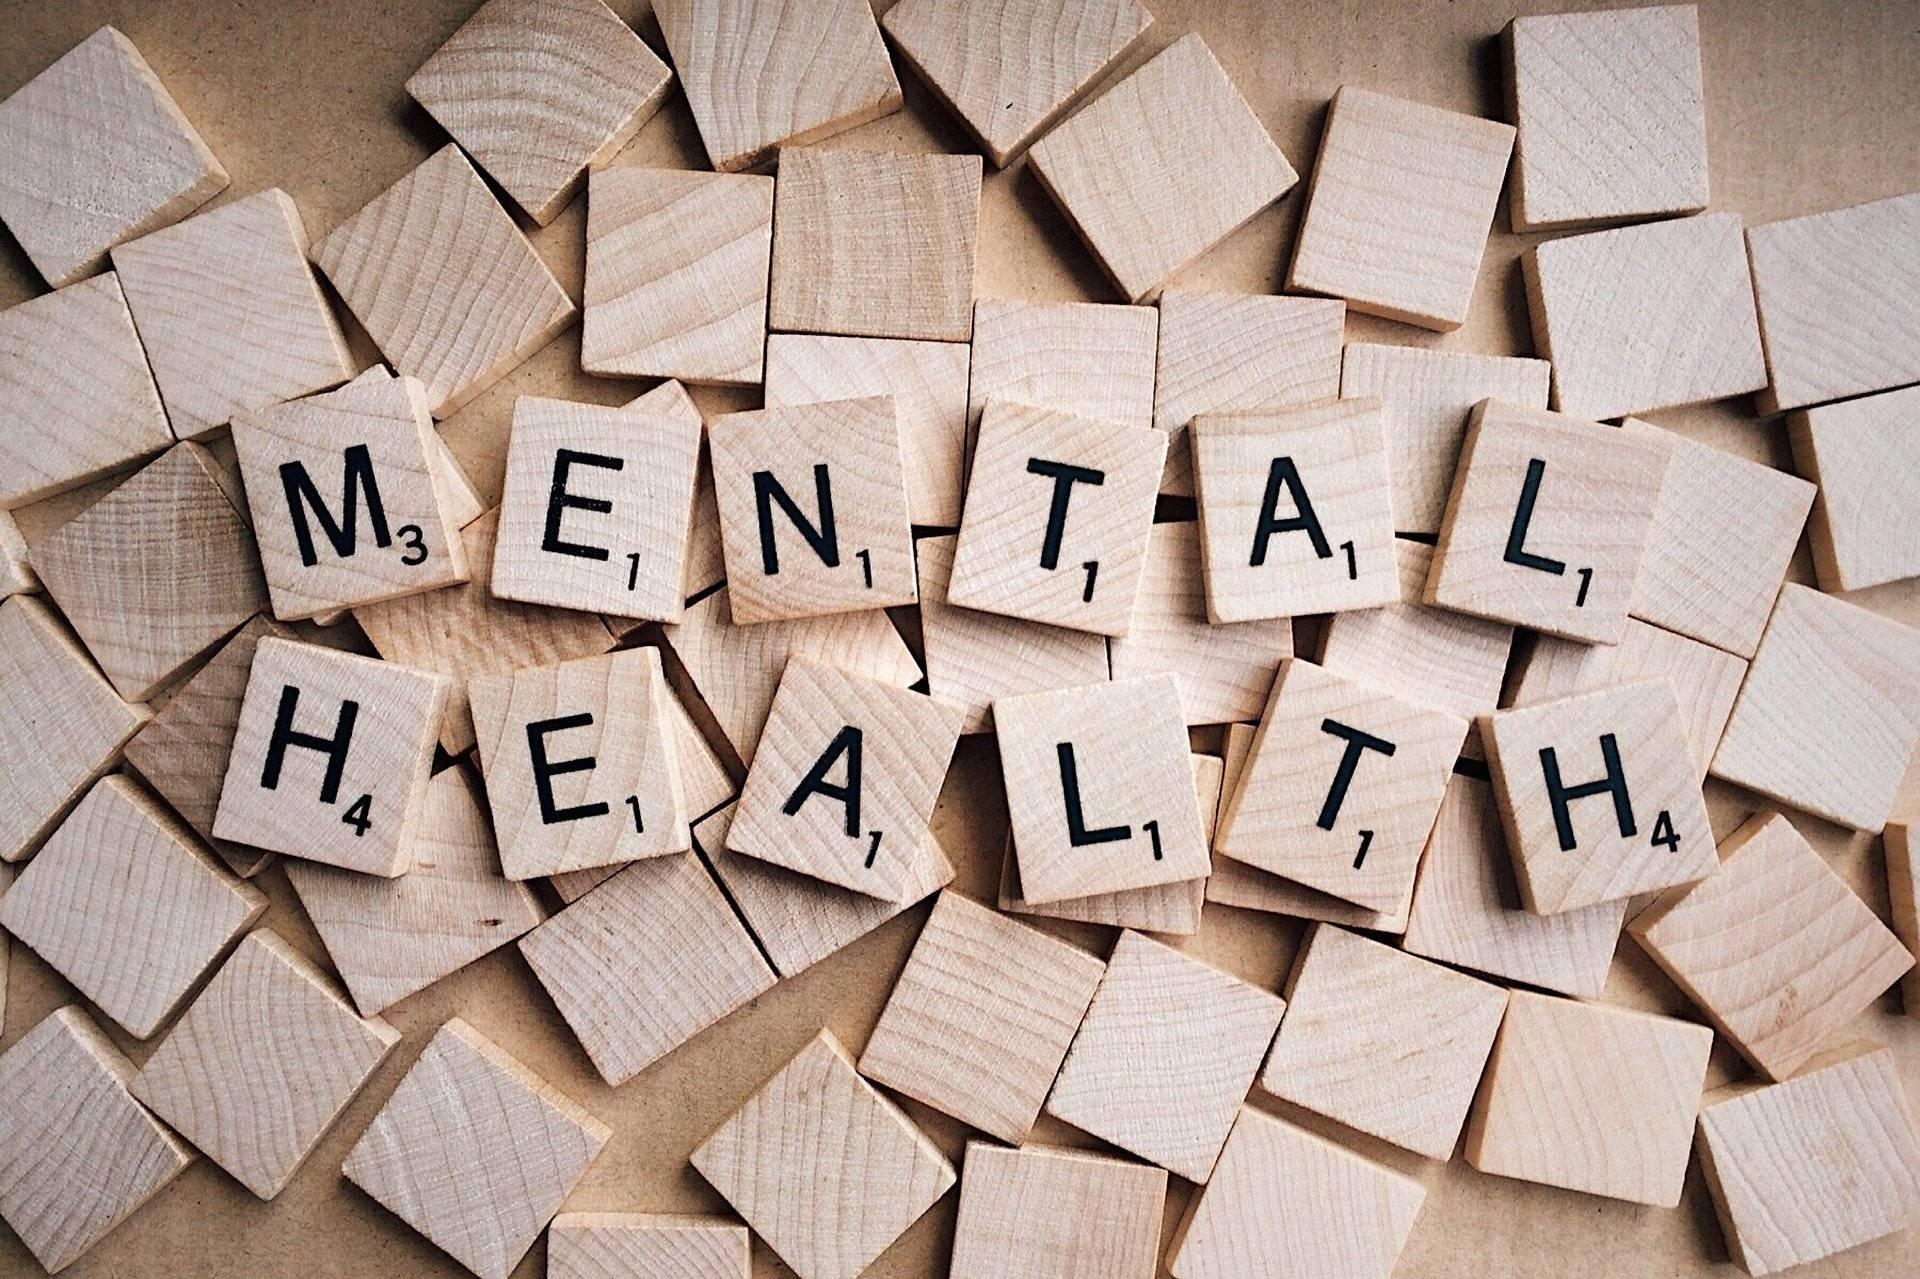 Mental Health (Pixabay.com)